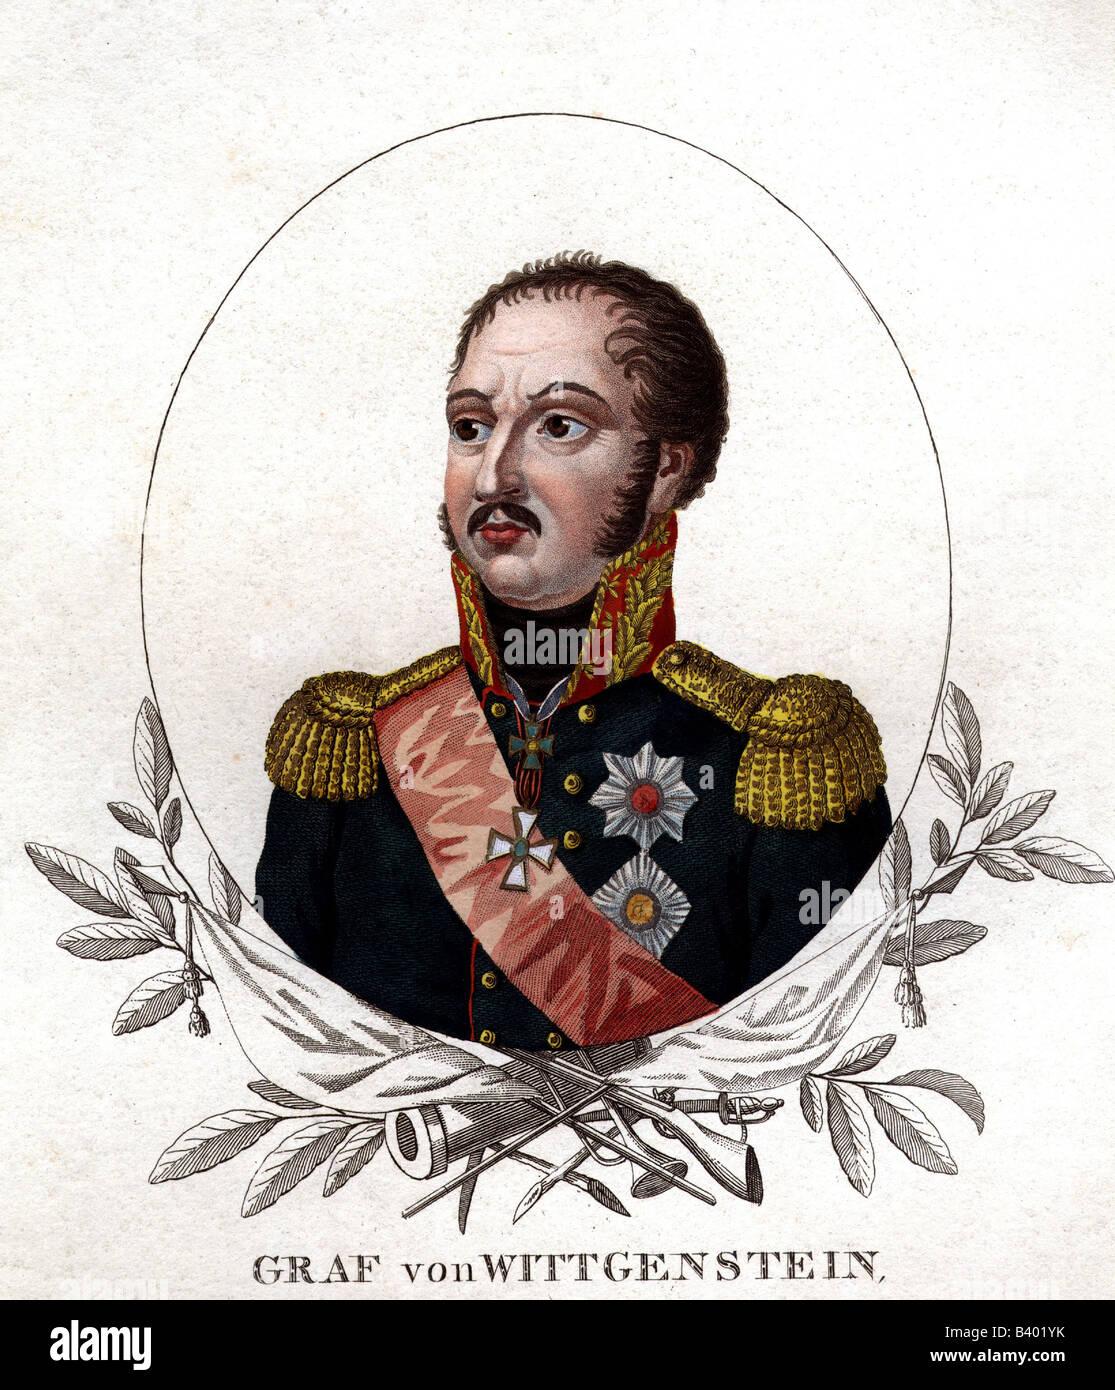 Wittgenstein, Ludwig Adolf von, 5.1.1769 - 11.6.1843, Russian General, portrait, coloured steel engraving, 19th - Stock Image